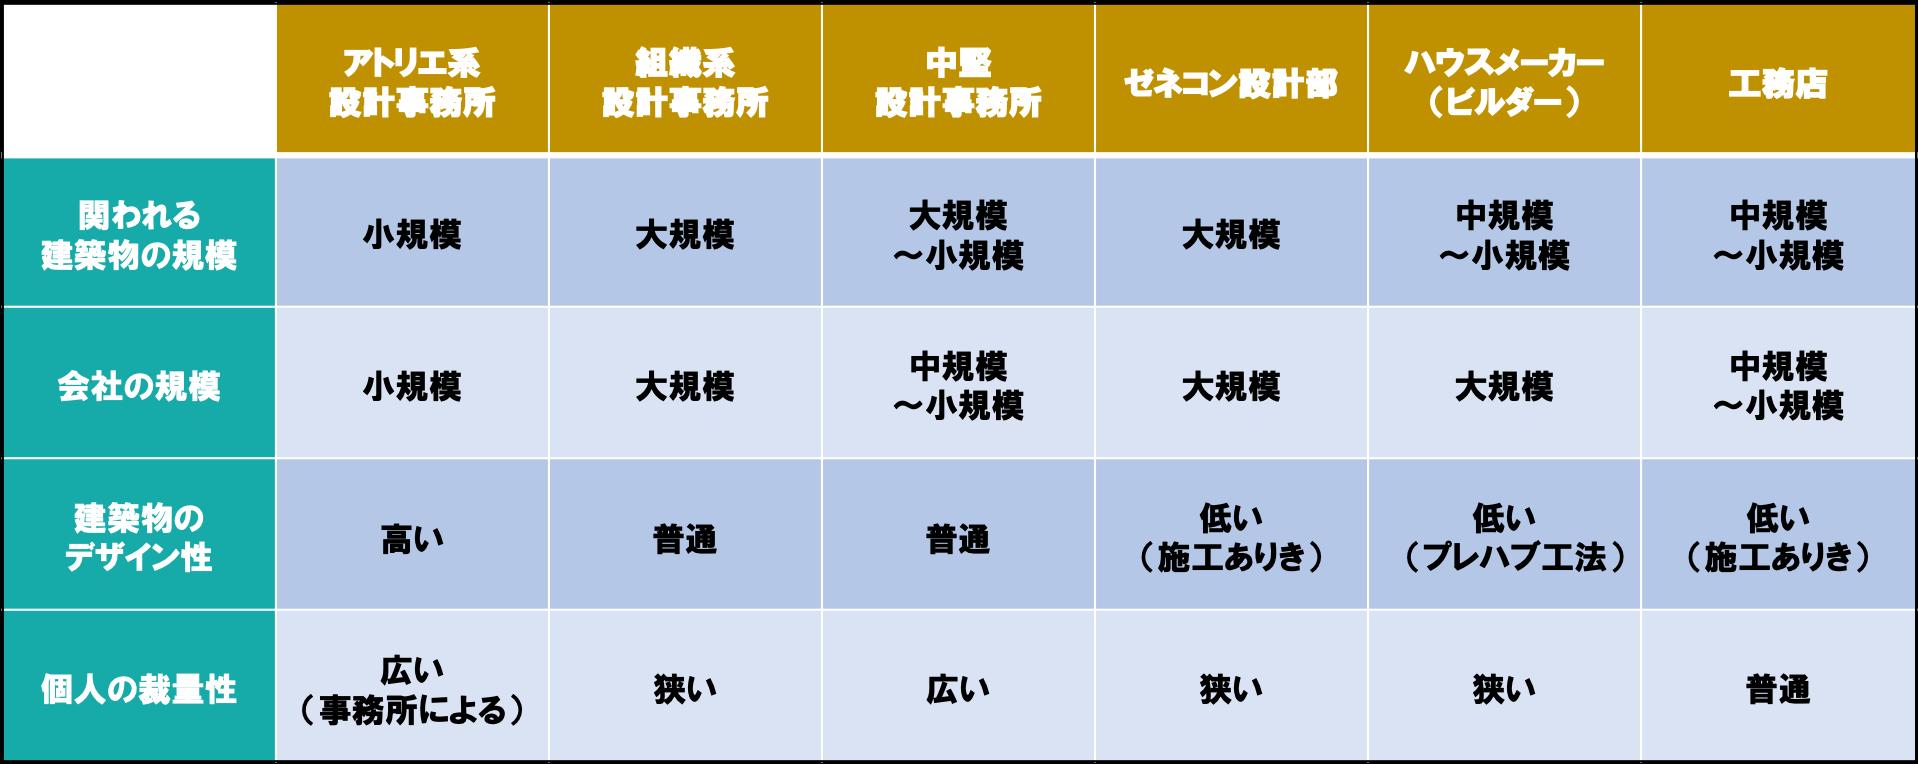 建築設計の就職・転職先で主な6つの組織形態・種類の特徴と比較(建築学科必見)